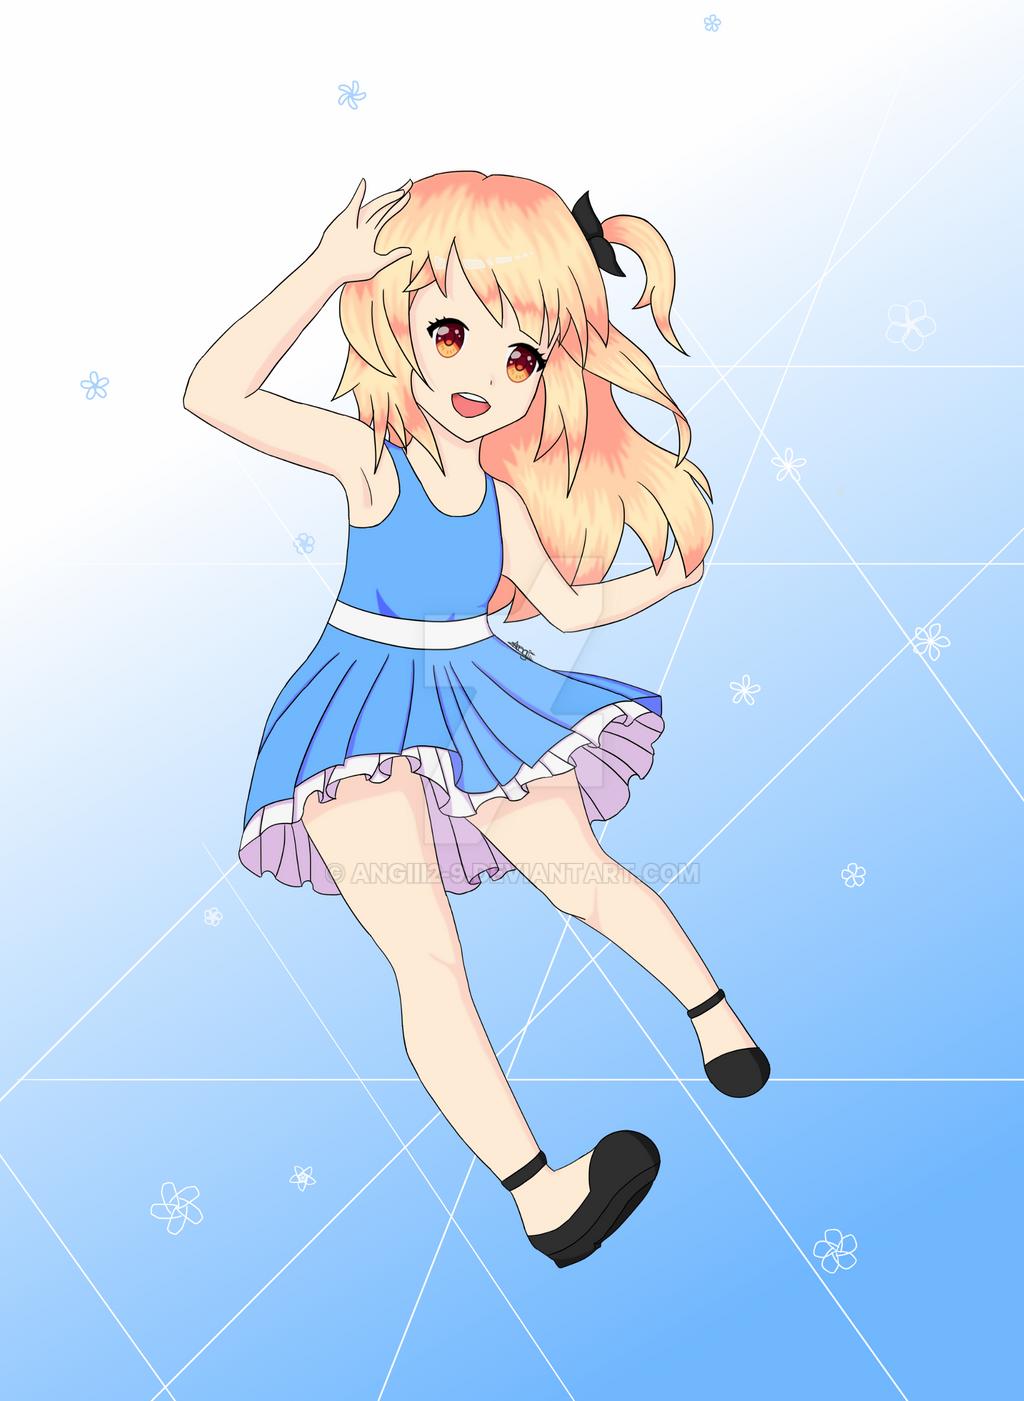 Anime Girl by Angiii2-9